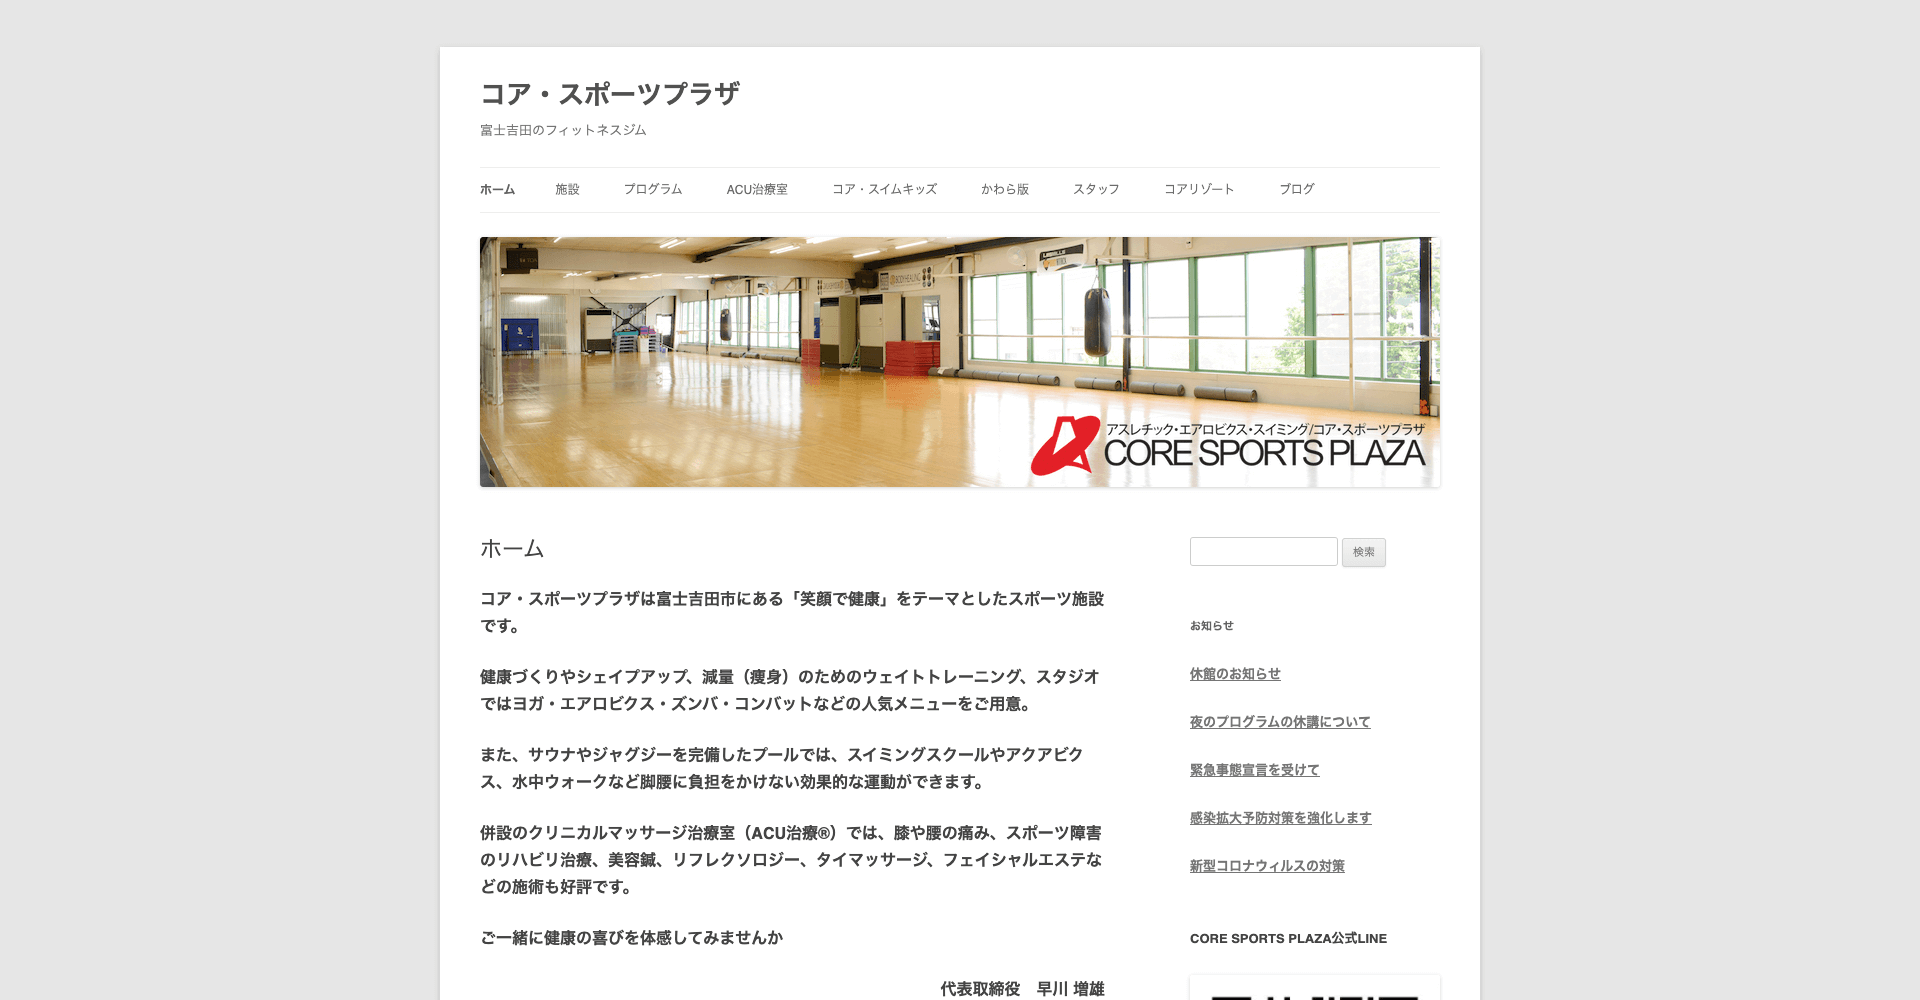 コア・スポーツプラザ